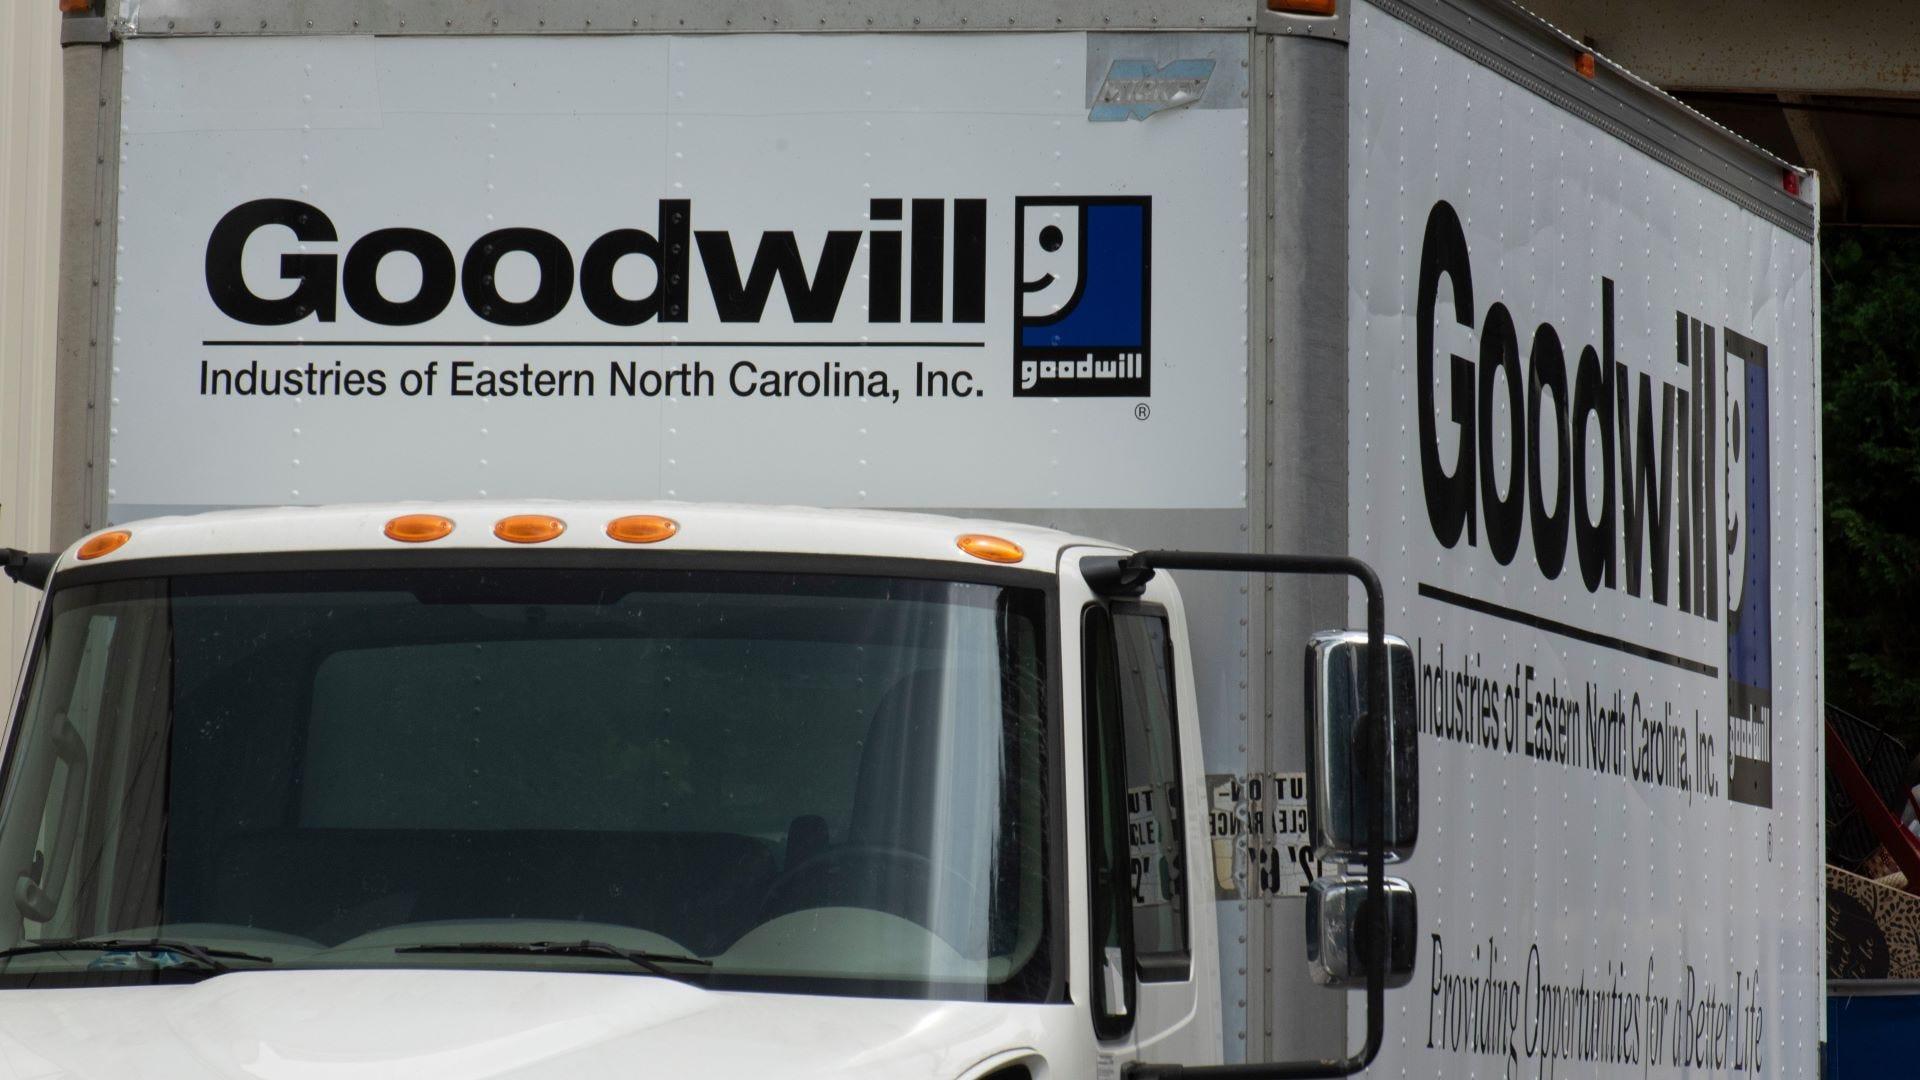 A Goodwill truck.